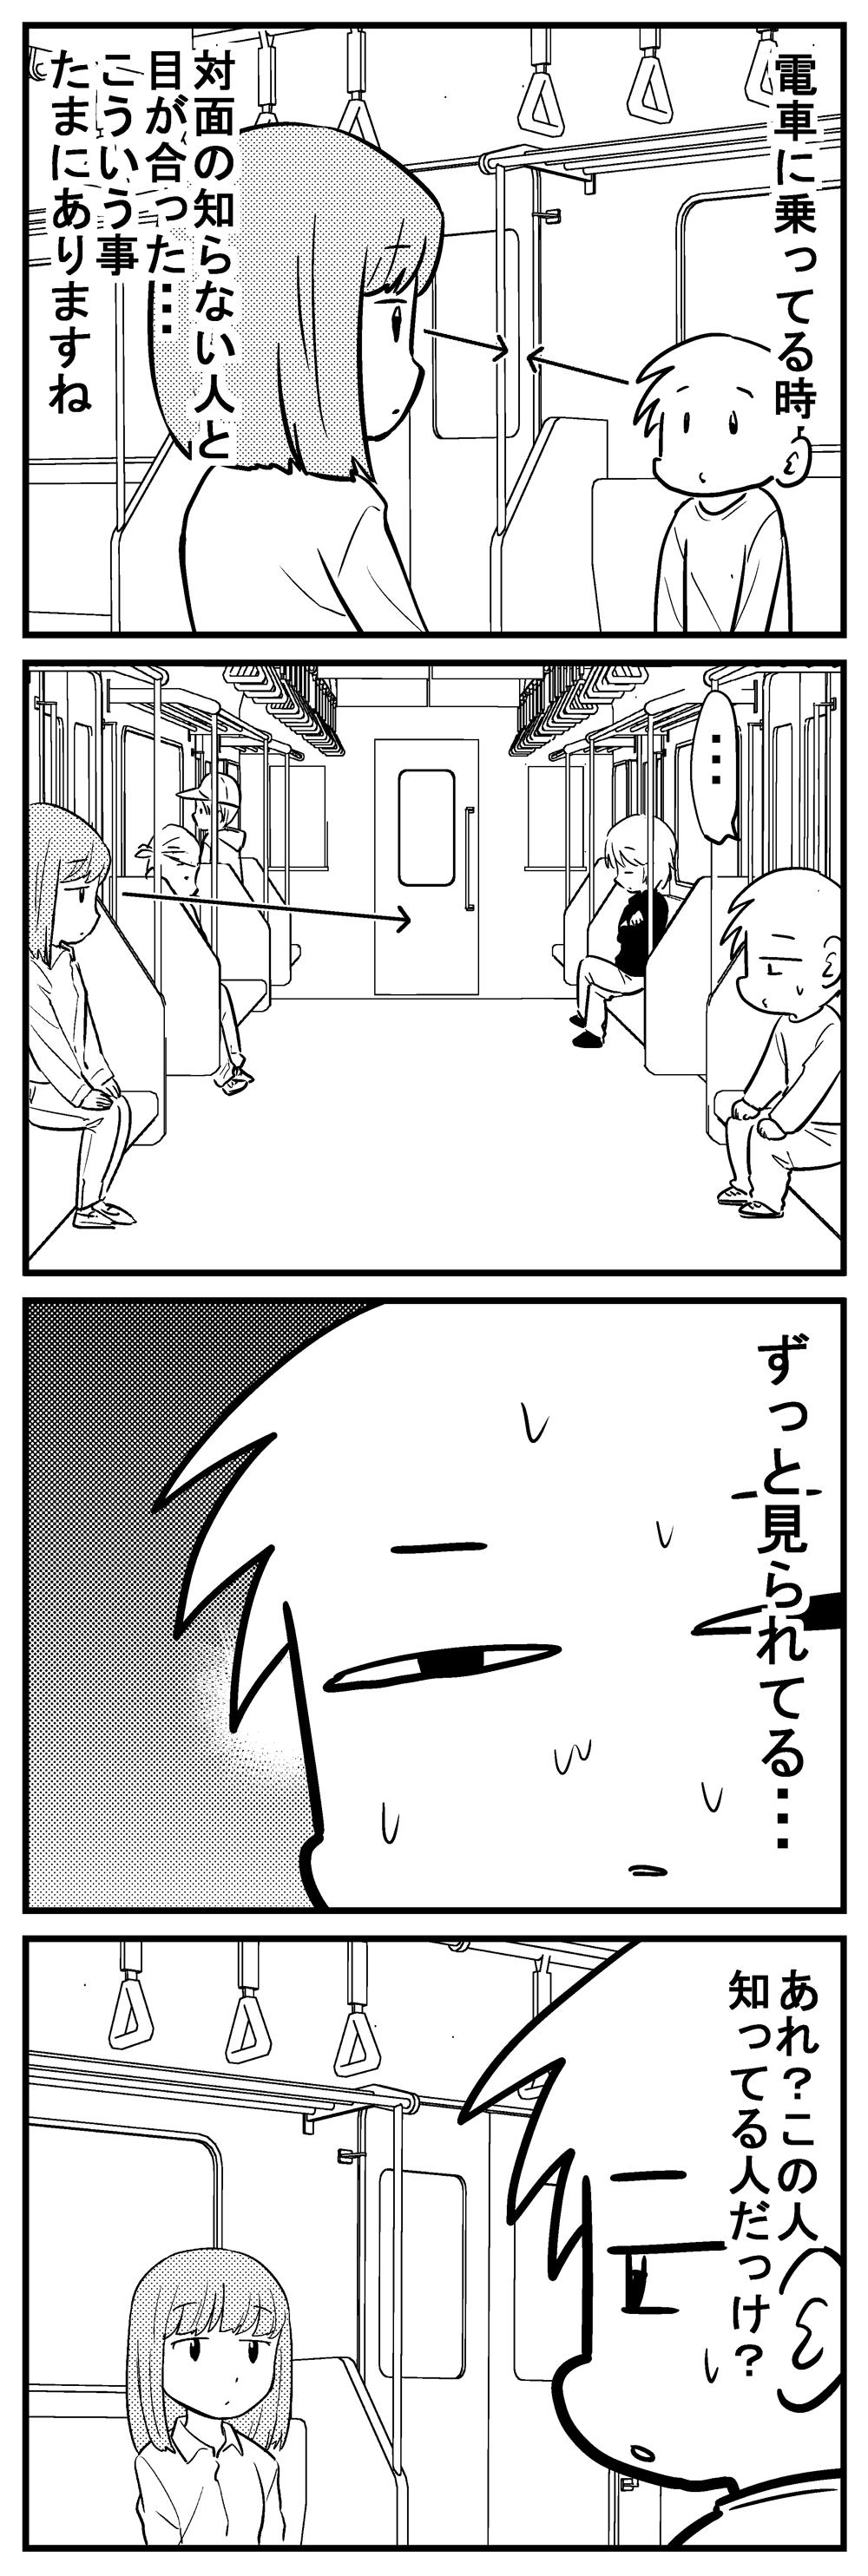 深読みくん103 1